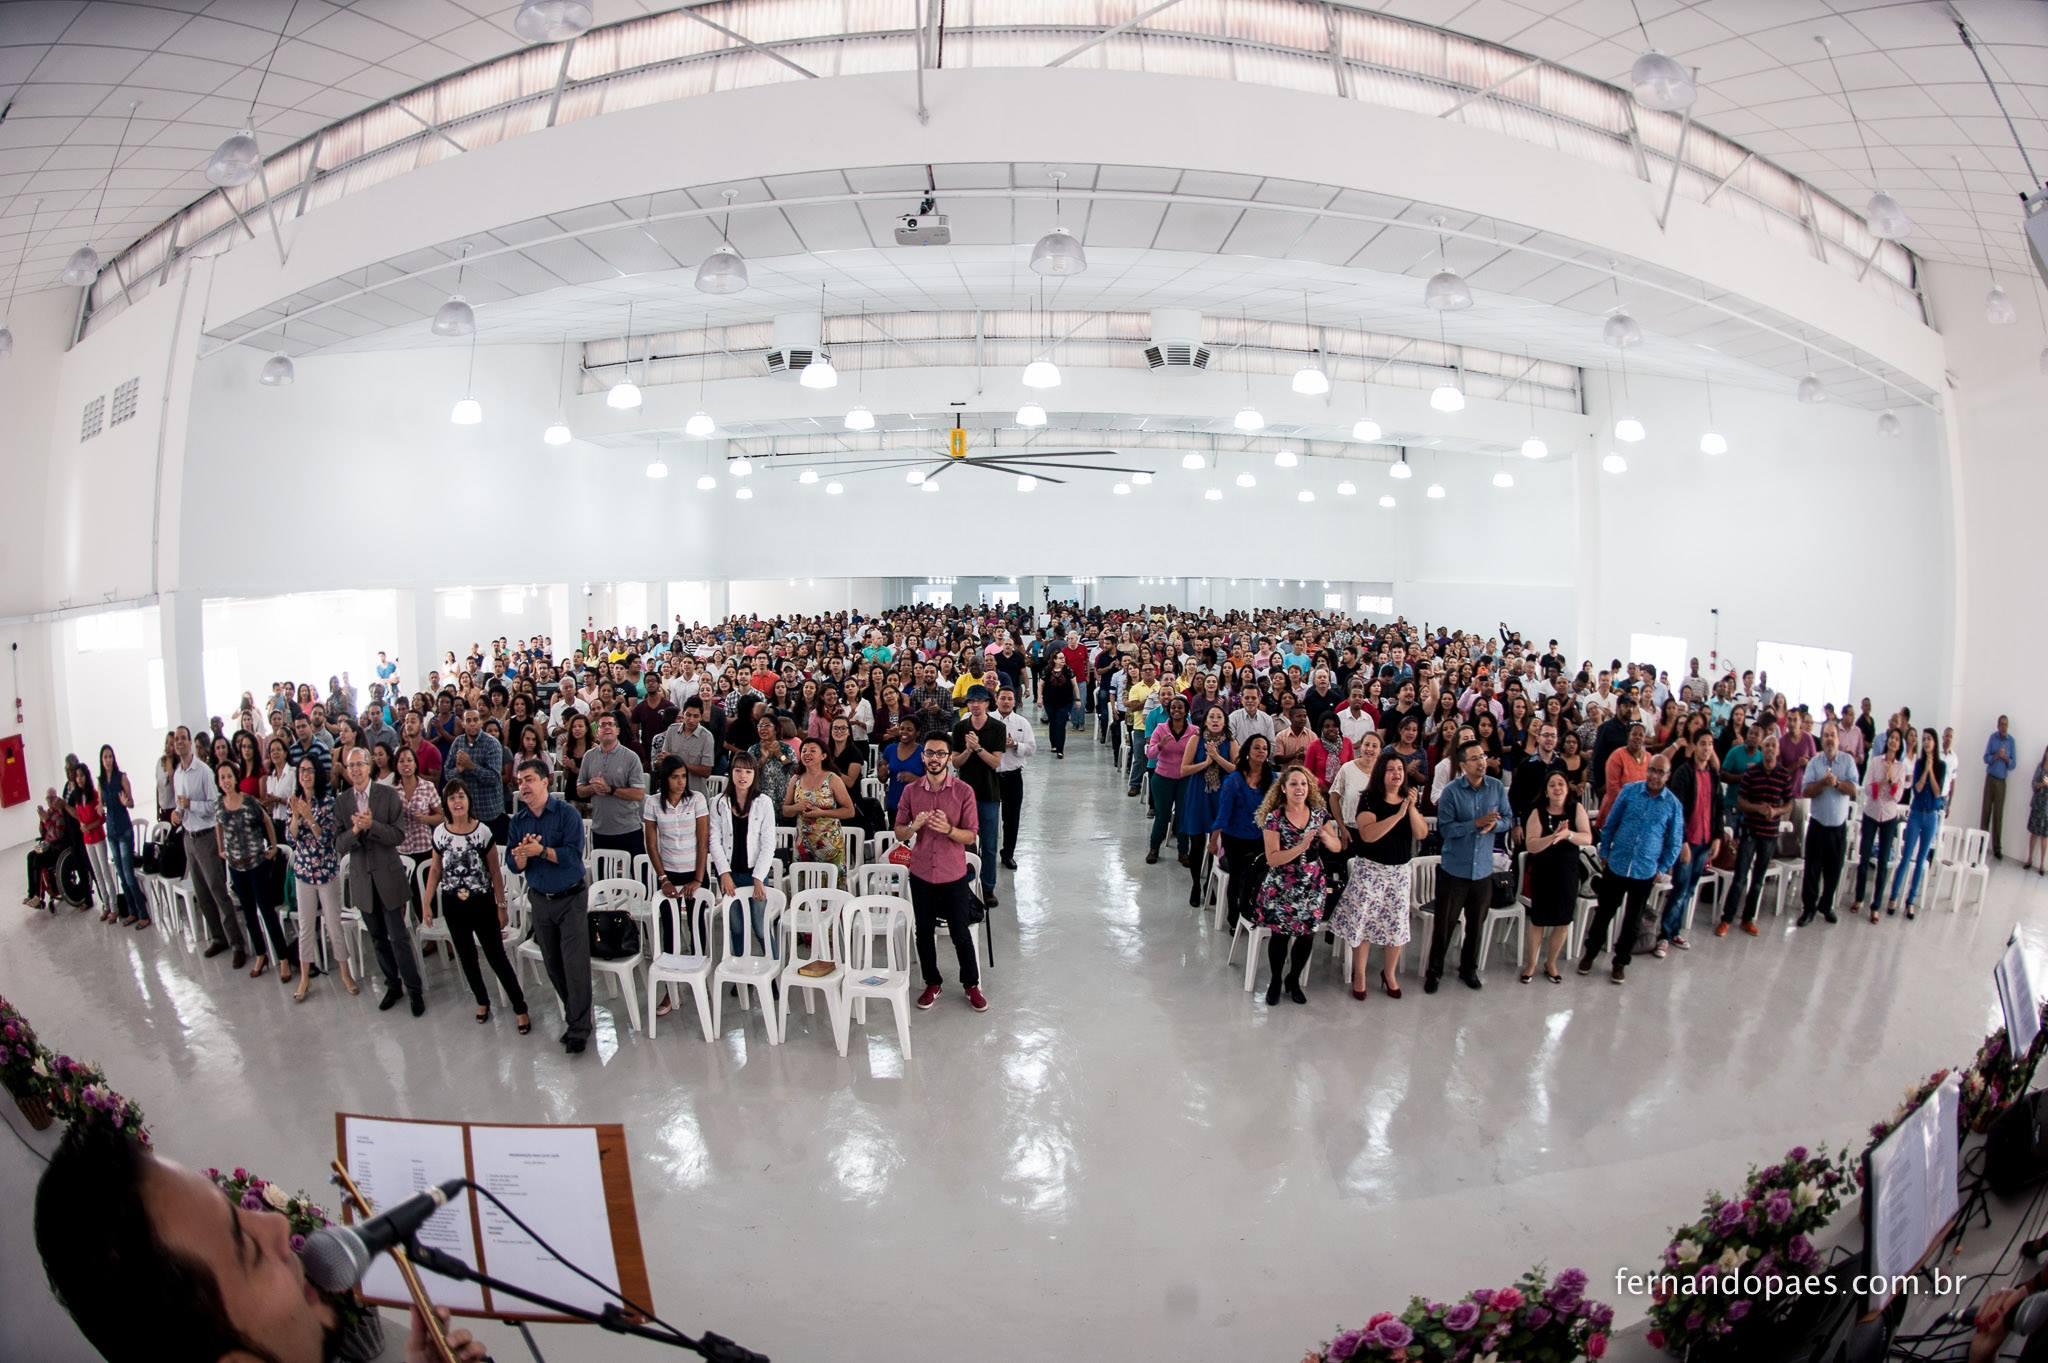 Церковь Христа в Бразилии: хорошие новости